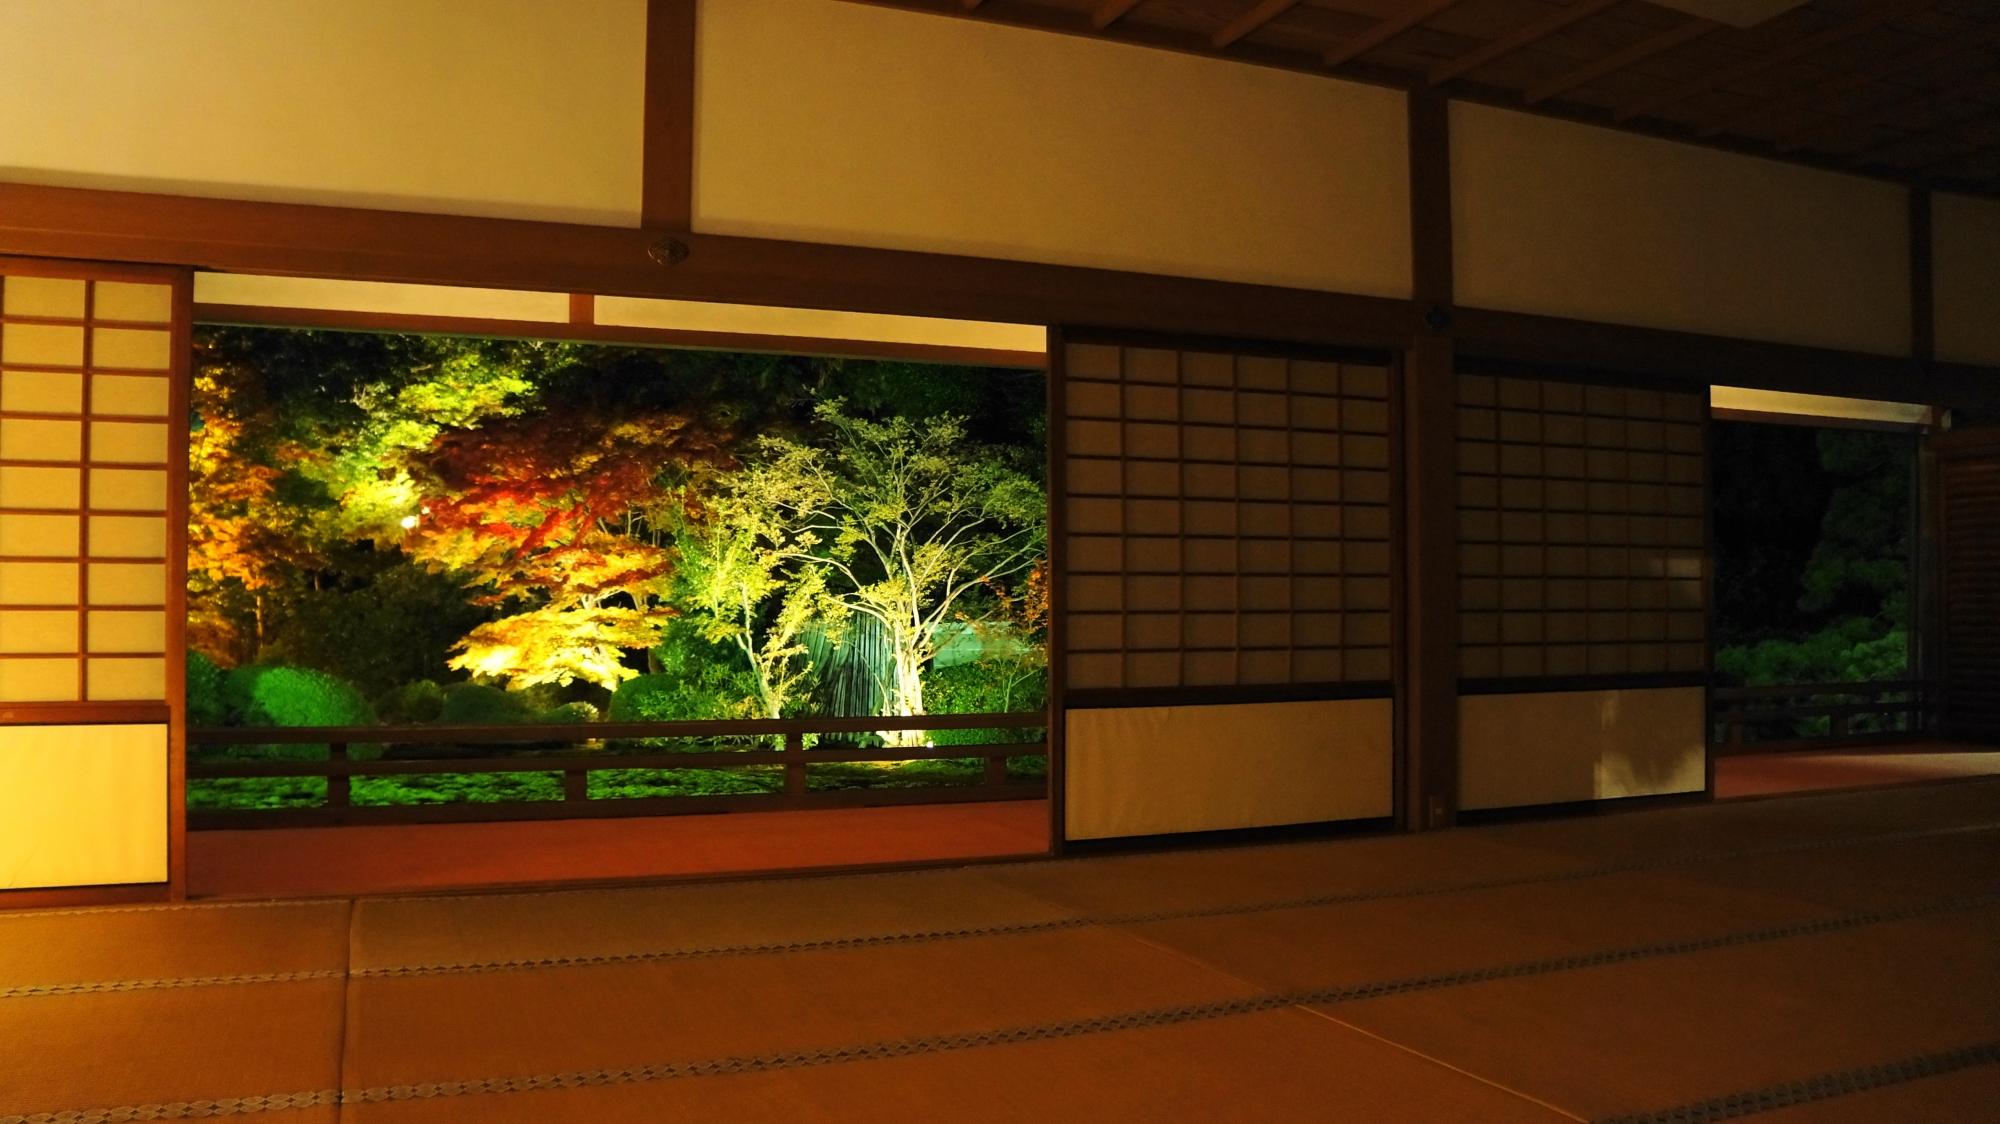 随心院の能の間から眺めた本堂前庭園の紅葉ライトアップ